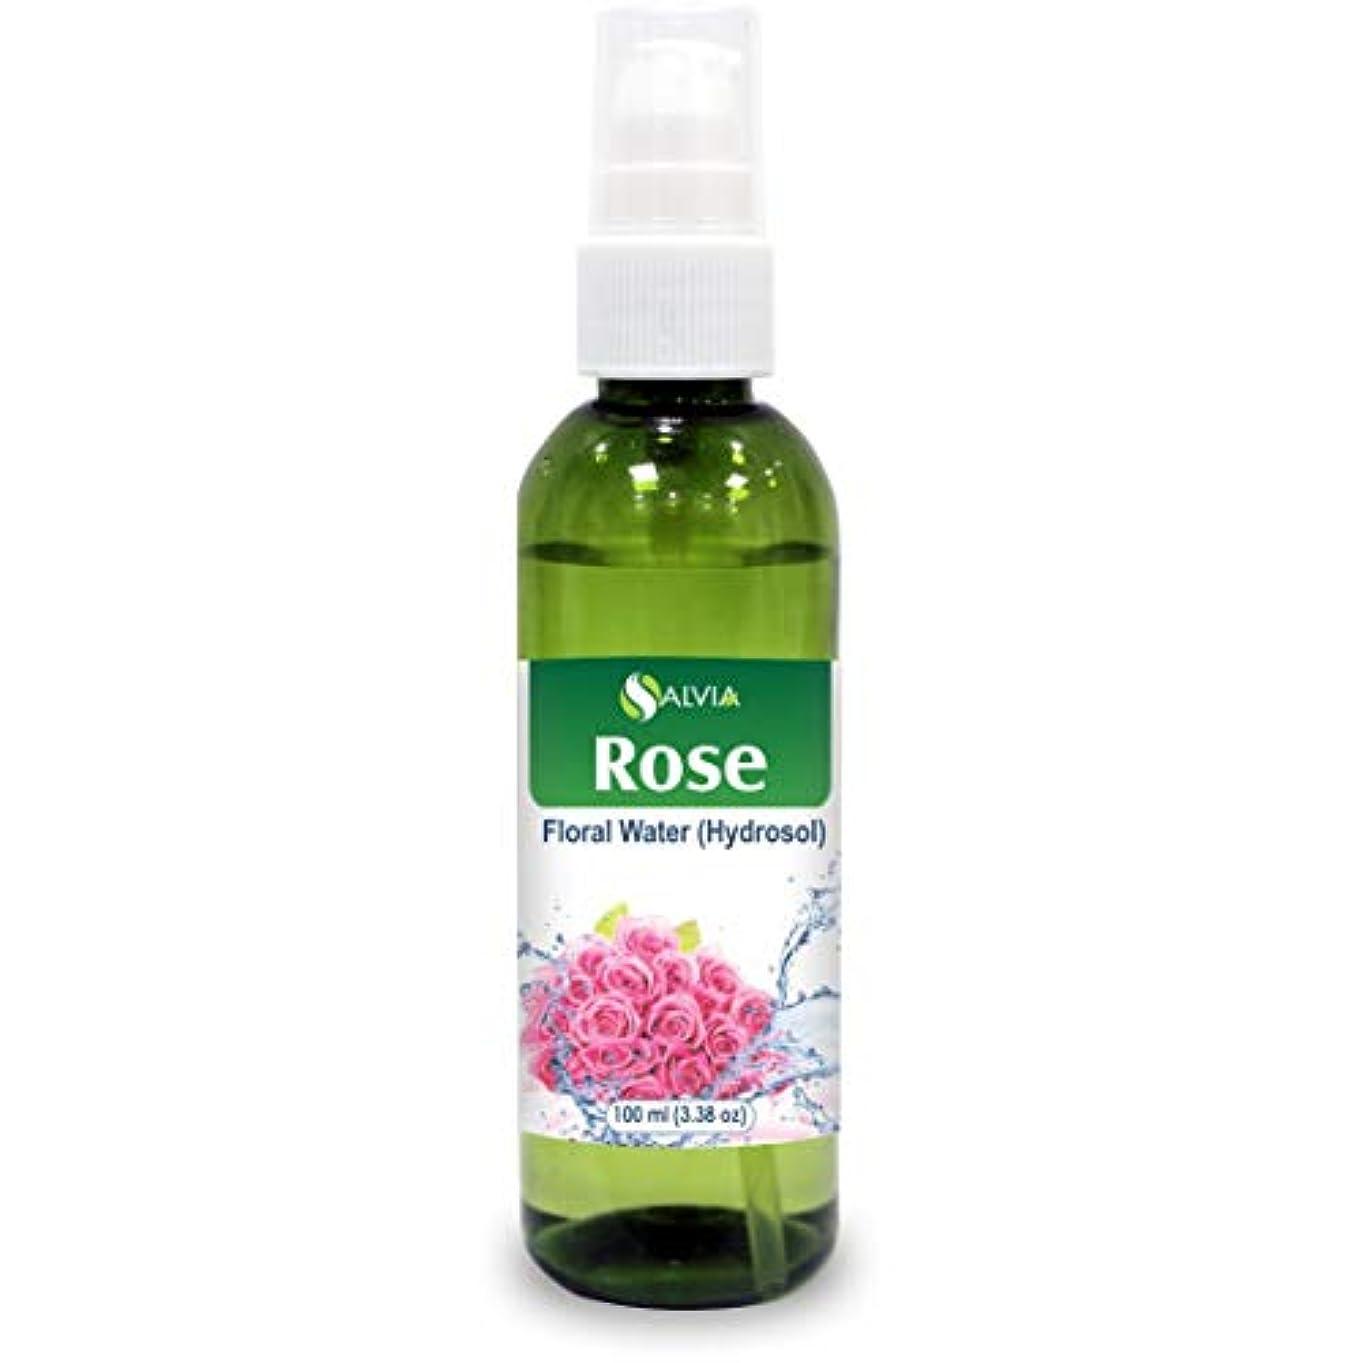 プーノ暴動むしゃむしゃRose Floral Water 100ml (Hydrosol) 100% Pure And Natural